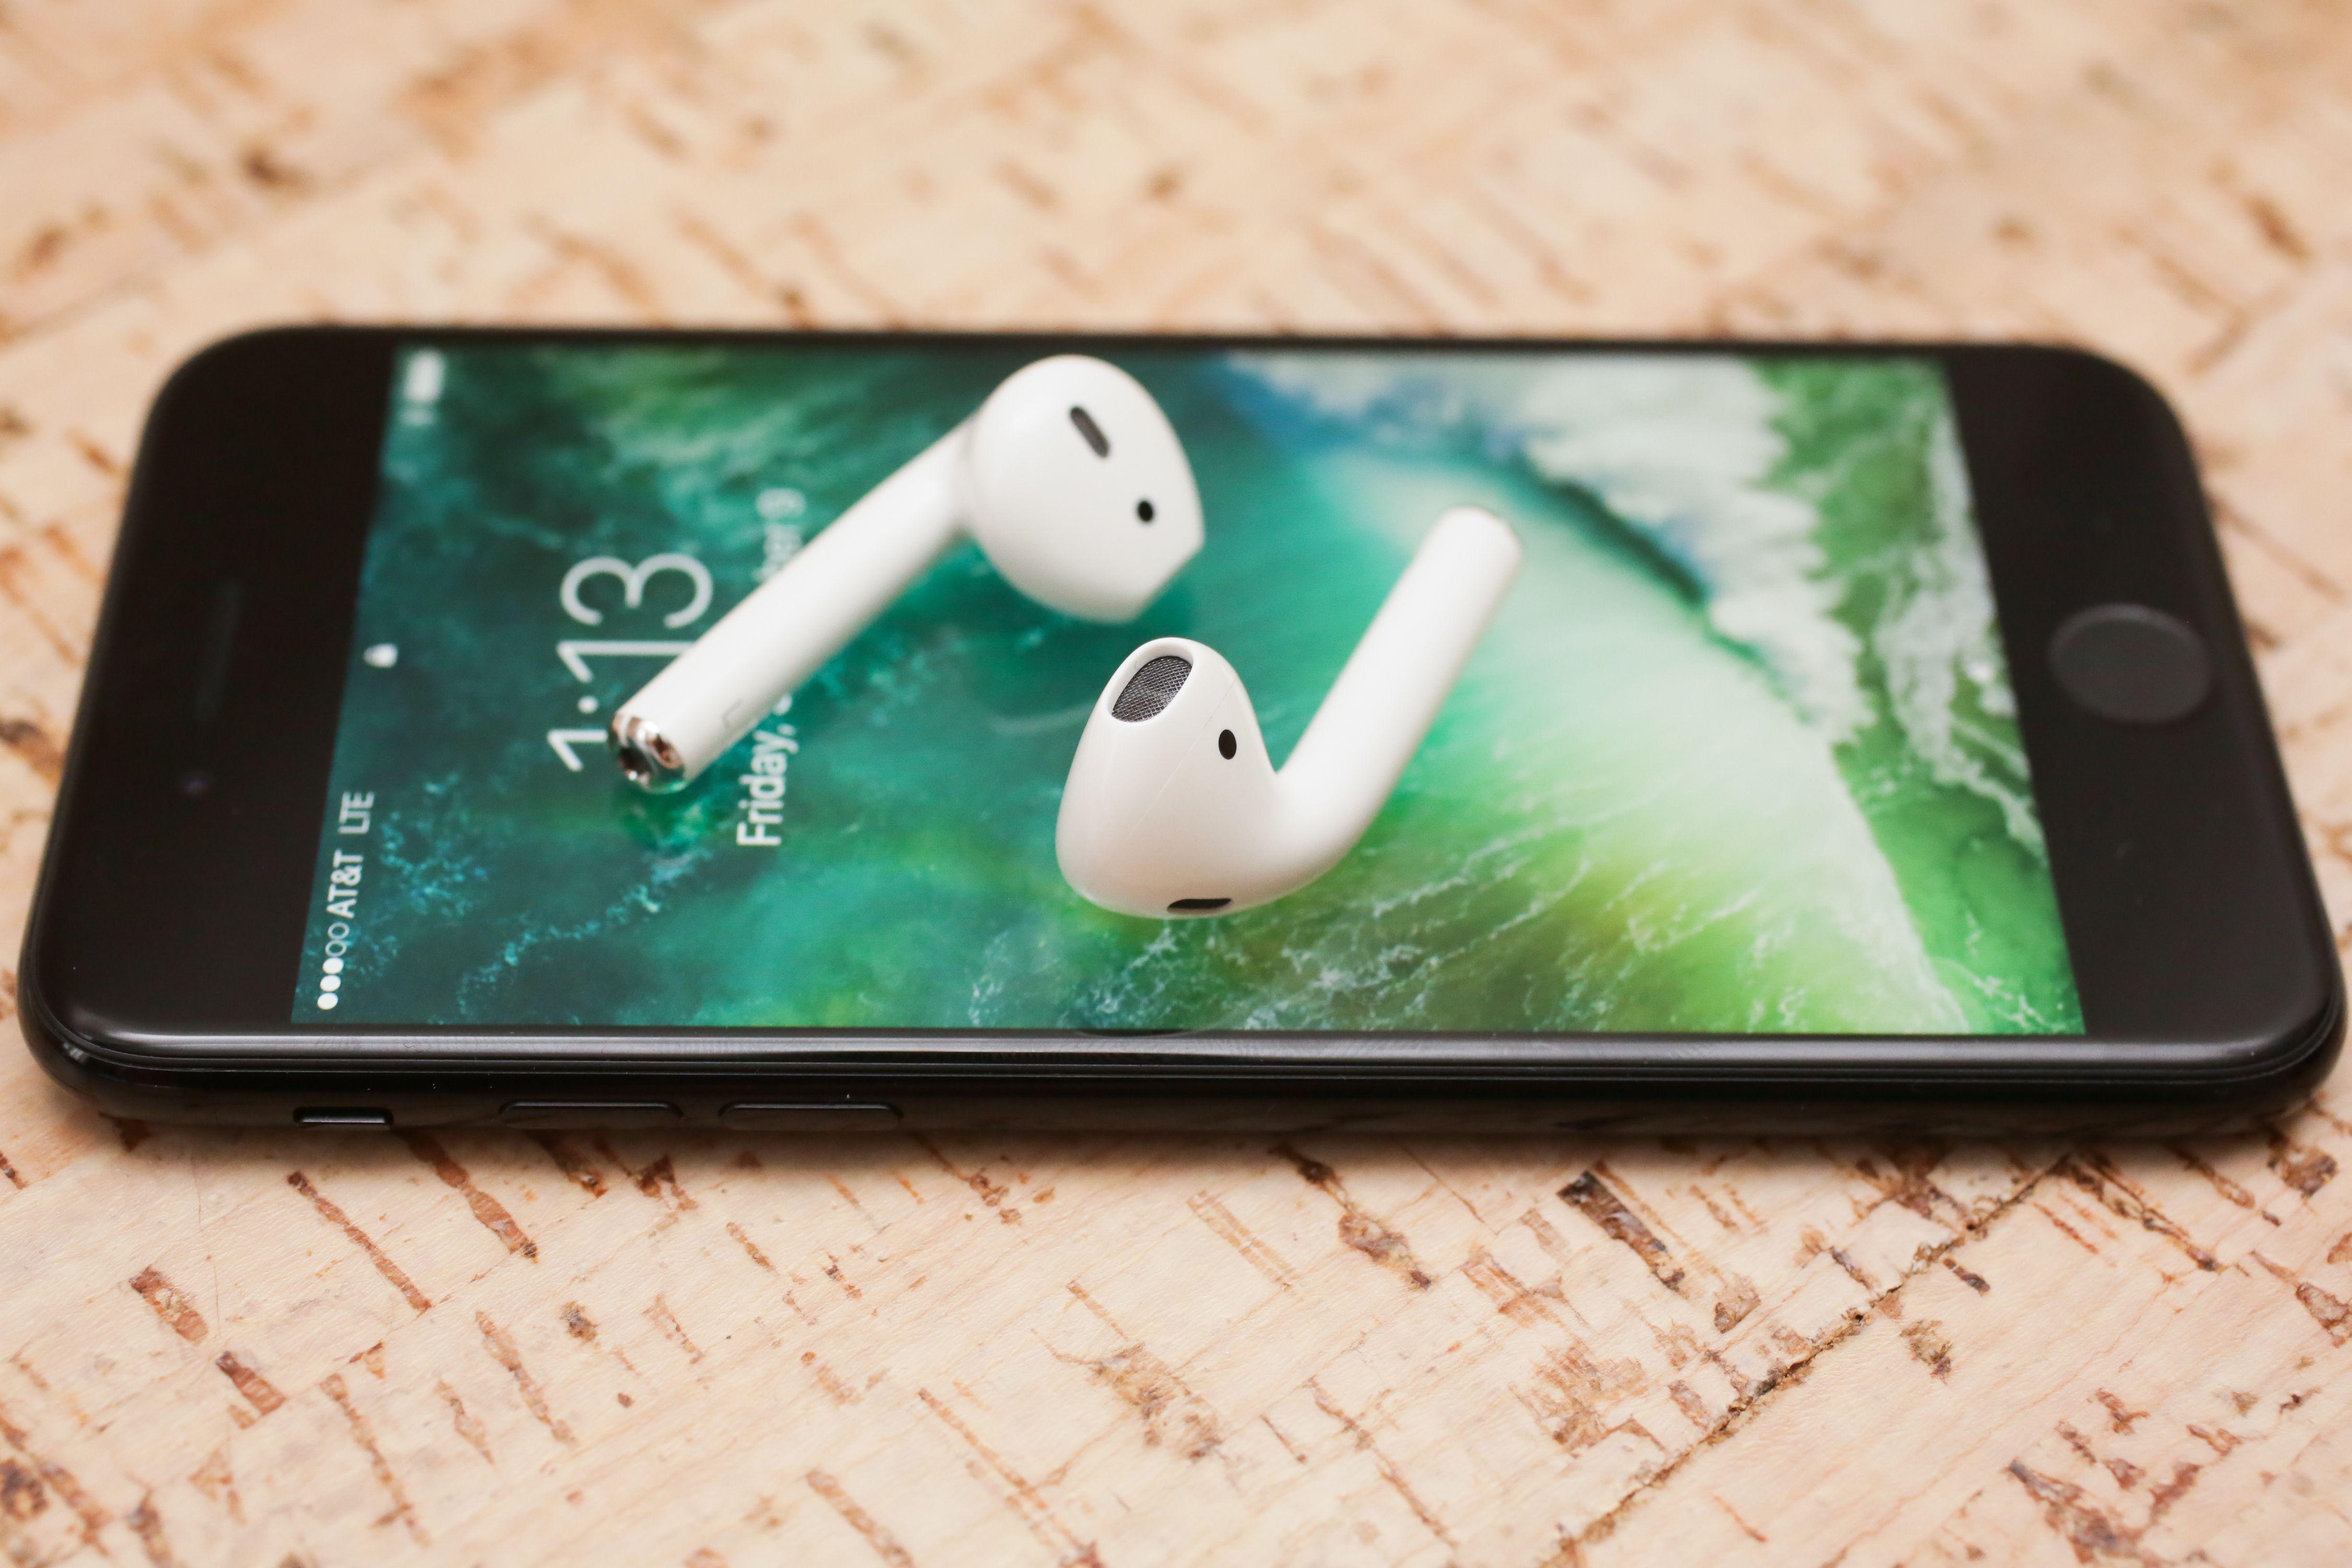 Pin on iphone hacks